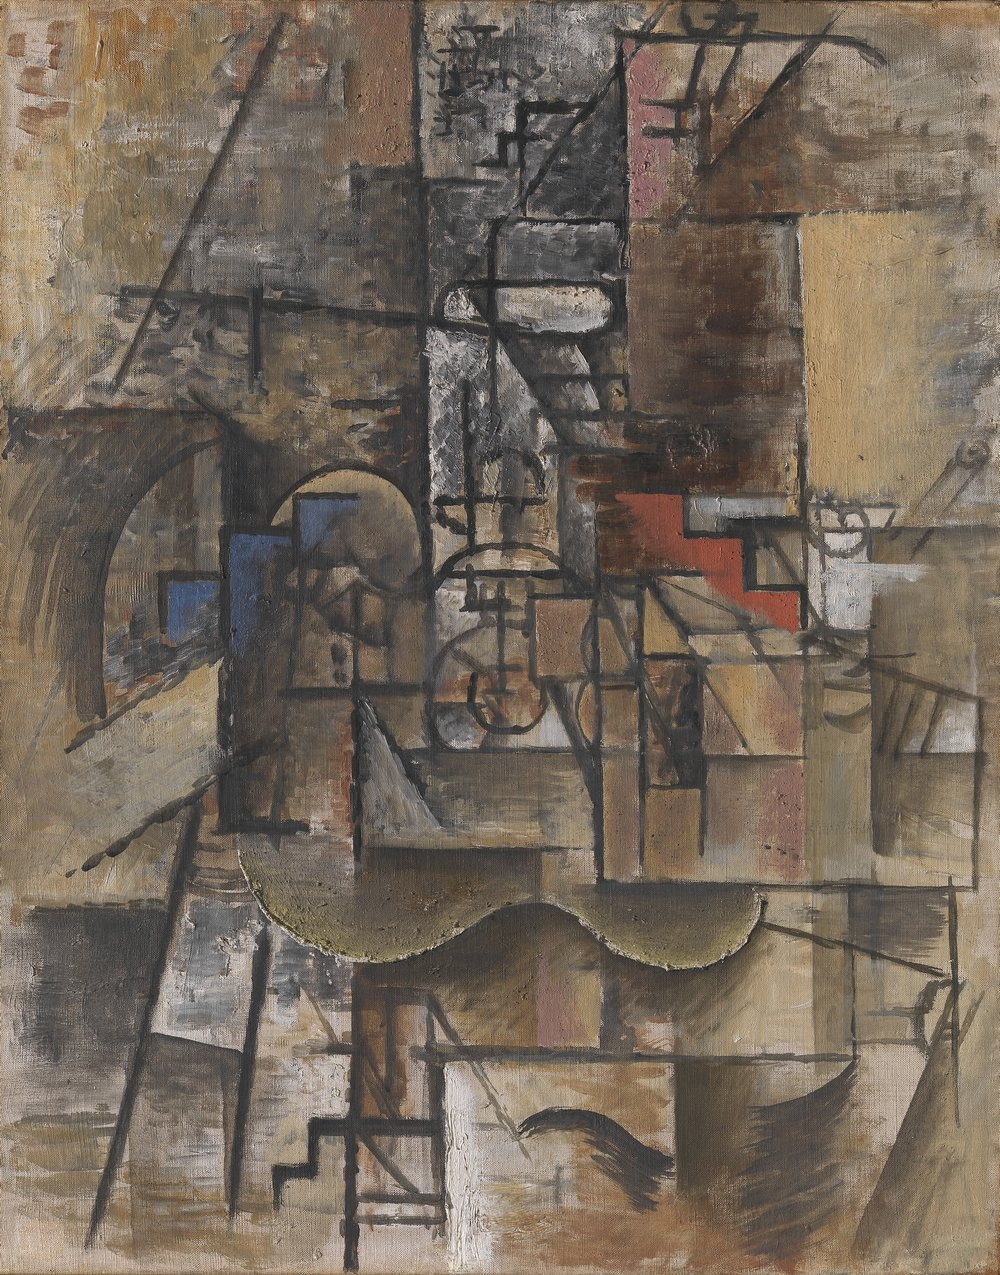 Picasso, Gitar og glass, 1911 © Pablo Picasso / Succession Pablo Picasso / BONO Foto: Nasjonalmuseet